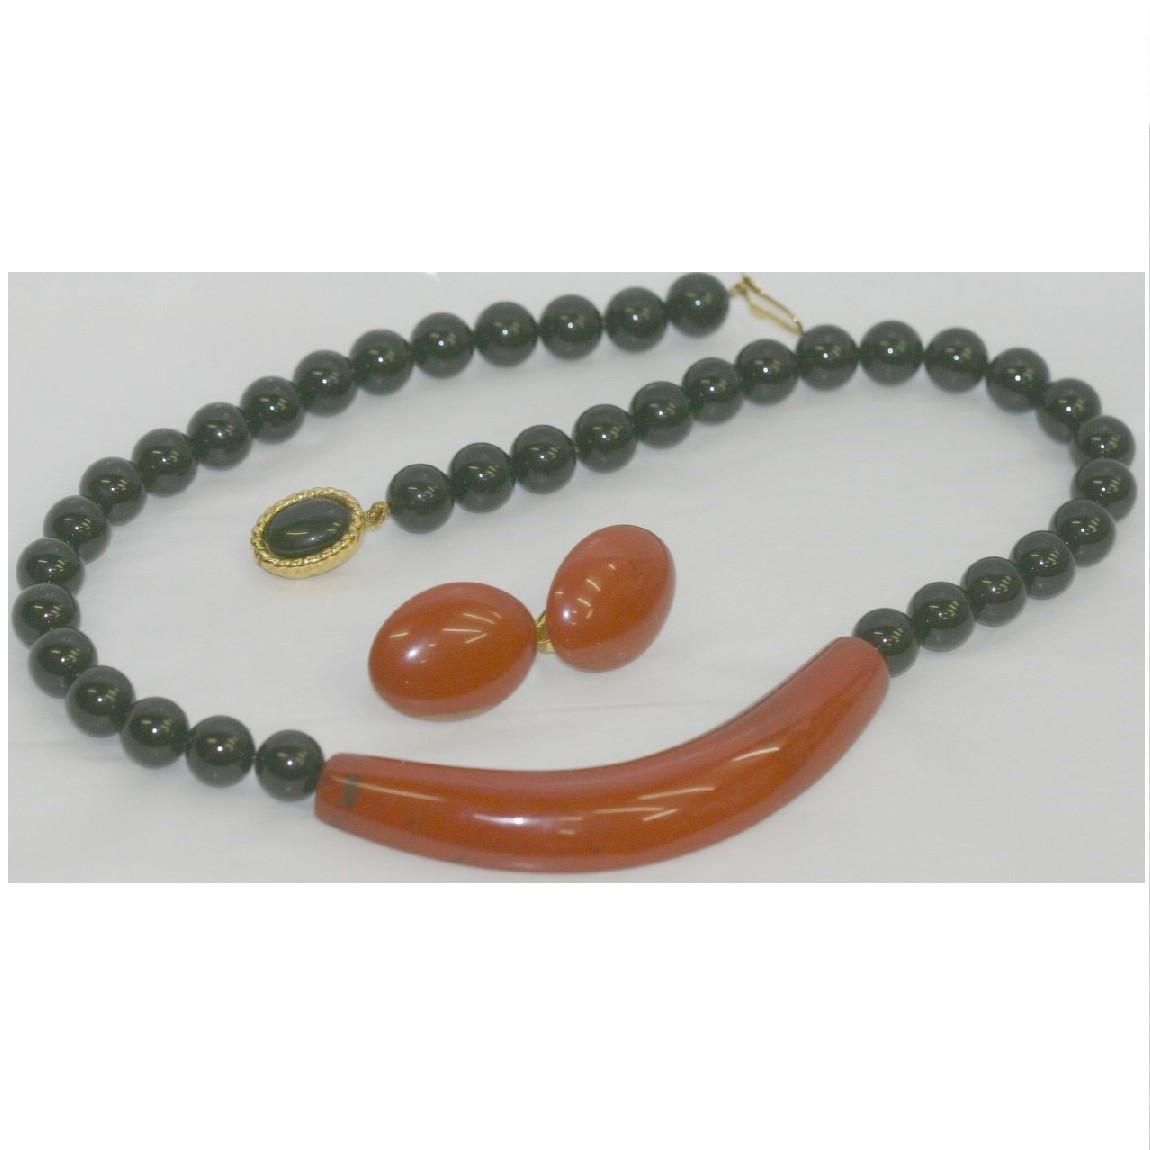 【中古】本物綺麗バンドームアオヤマ女性用ブライダル等にも最適な豪華な作りのネックレスとイヤリング